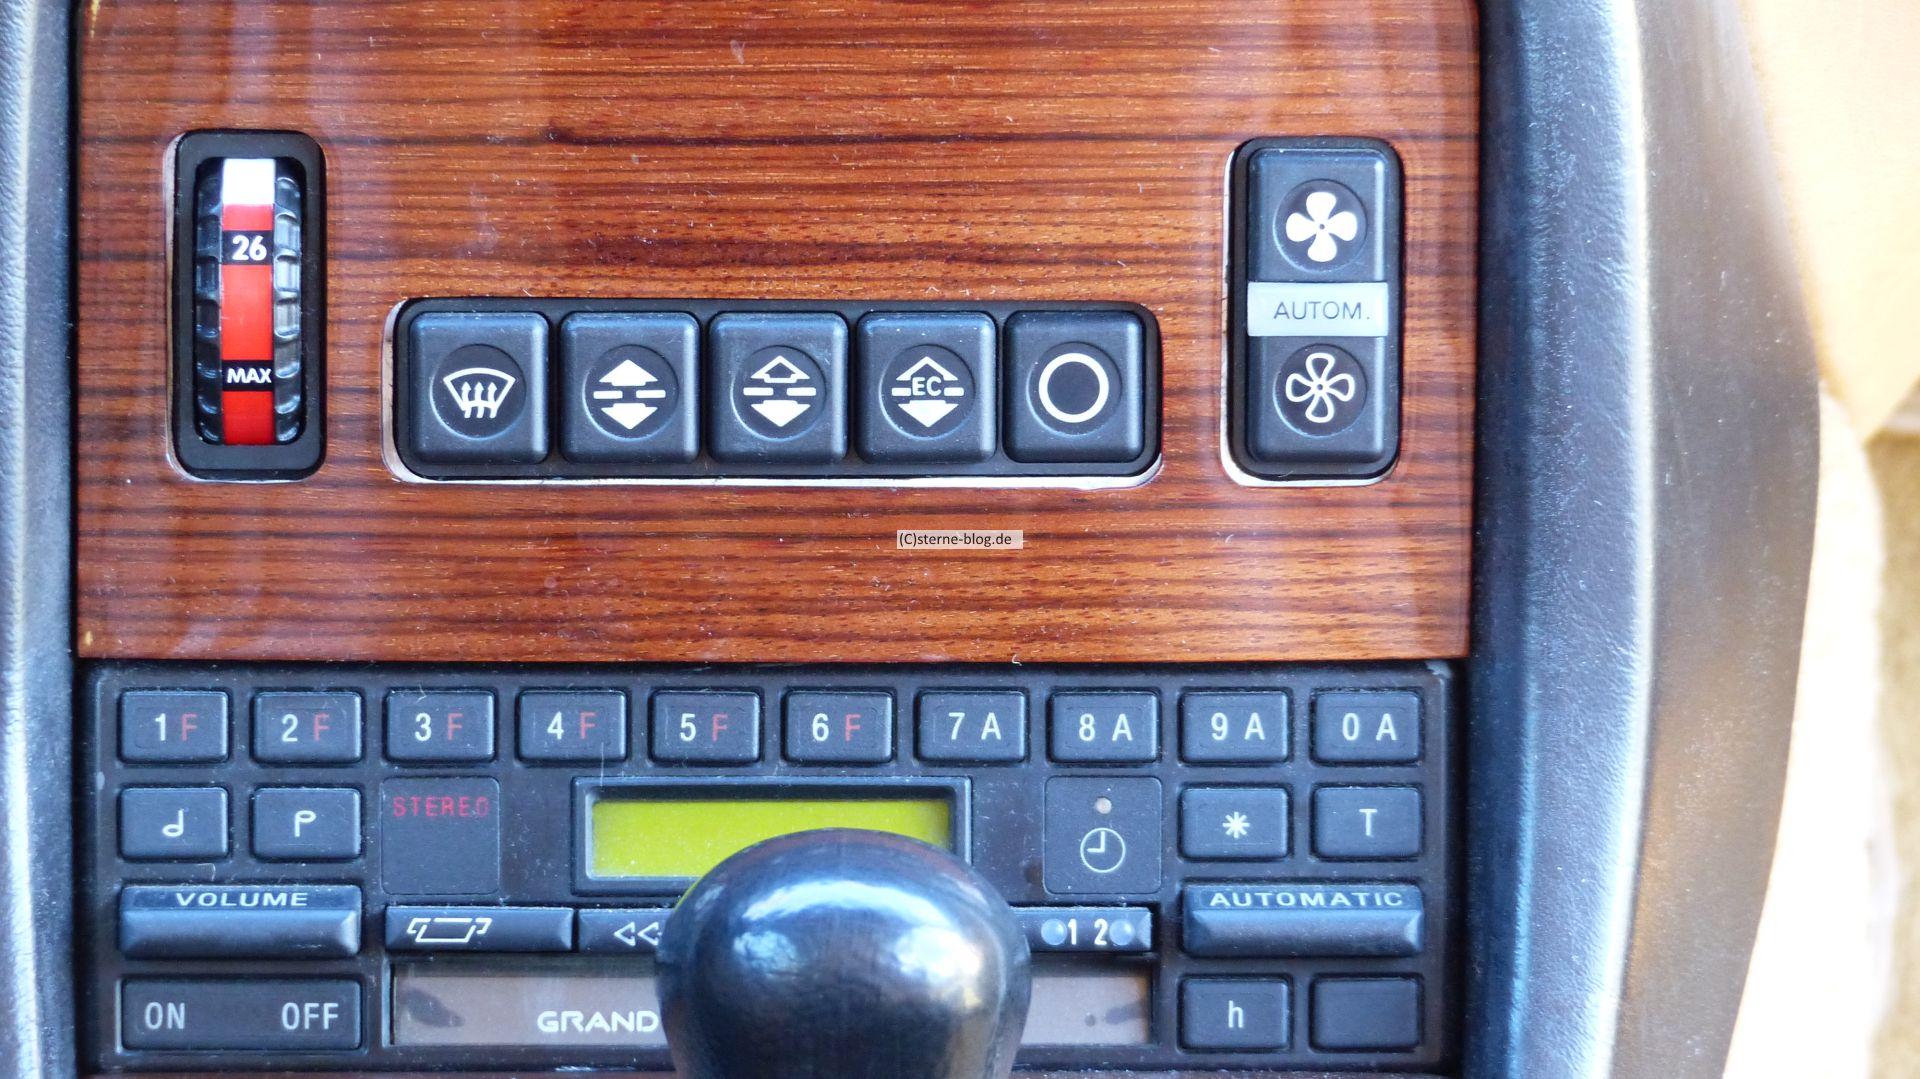 Mercedes S123 300 TDT Turbodiesel mit Klimaautomatik und Becker Grandprix Radio.